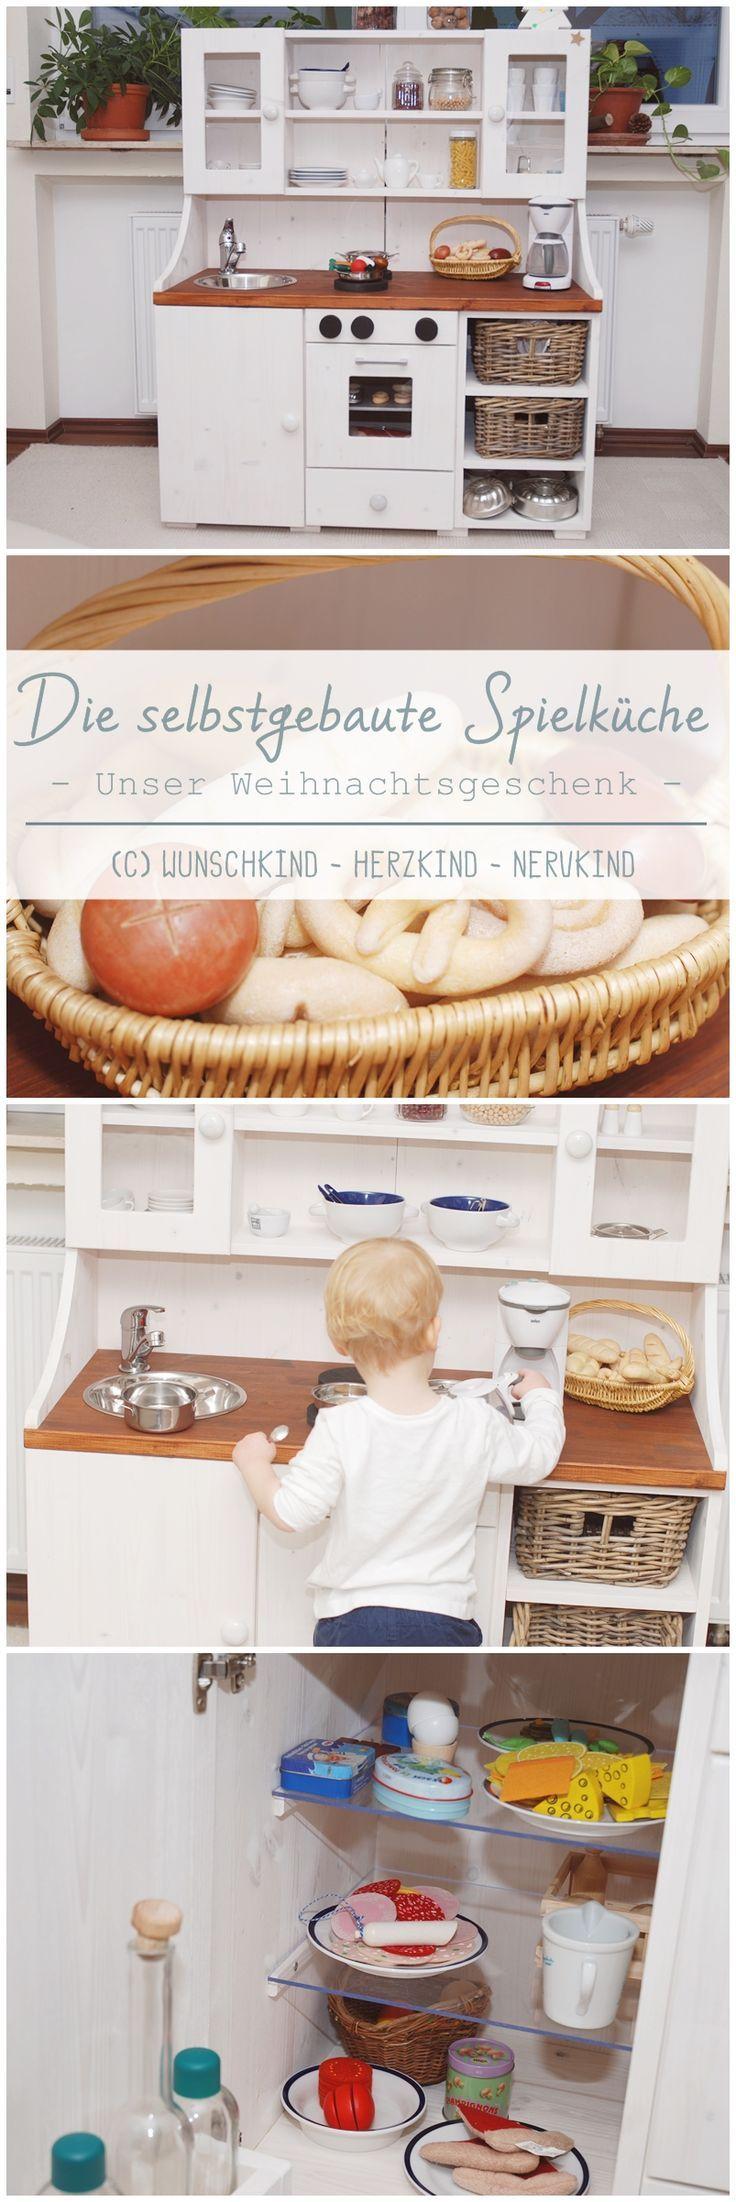 Eine Selbstgebaute Kinderkuche Ist Etwas Ganz Besonderes Und Kann